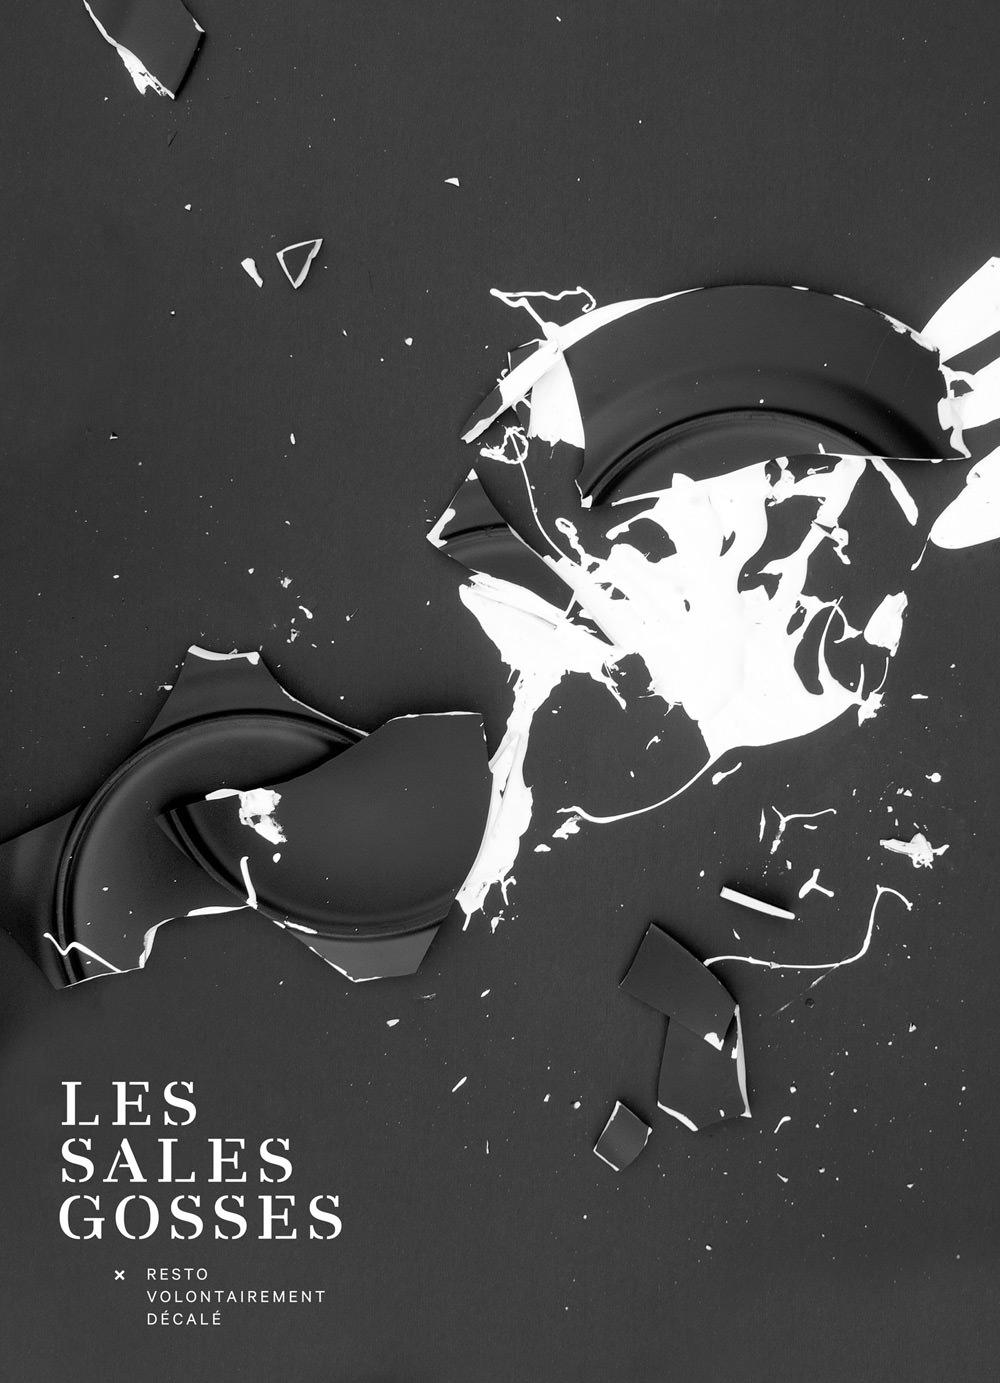 Figure-LesSalesGosses-Restaurant-Logo-Branding3.jpg